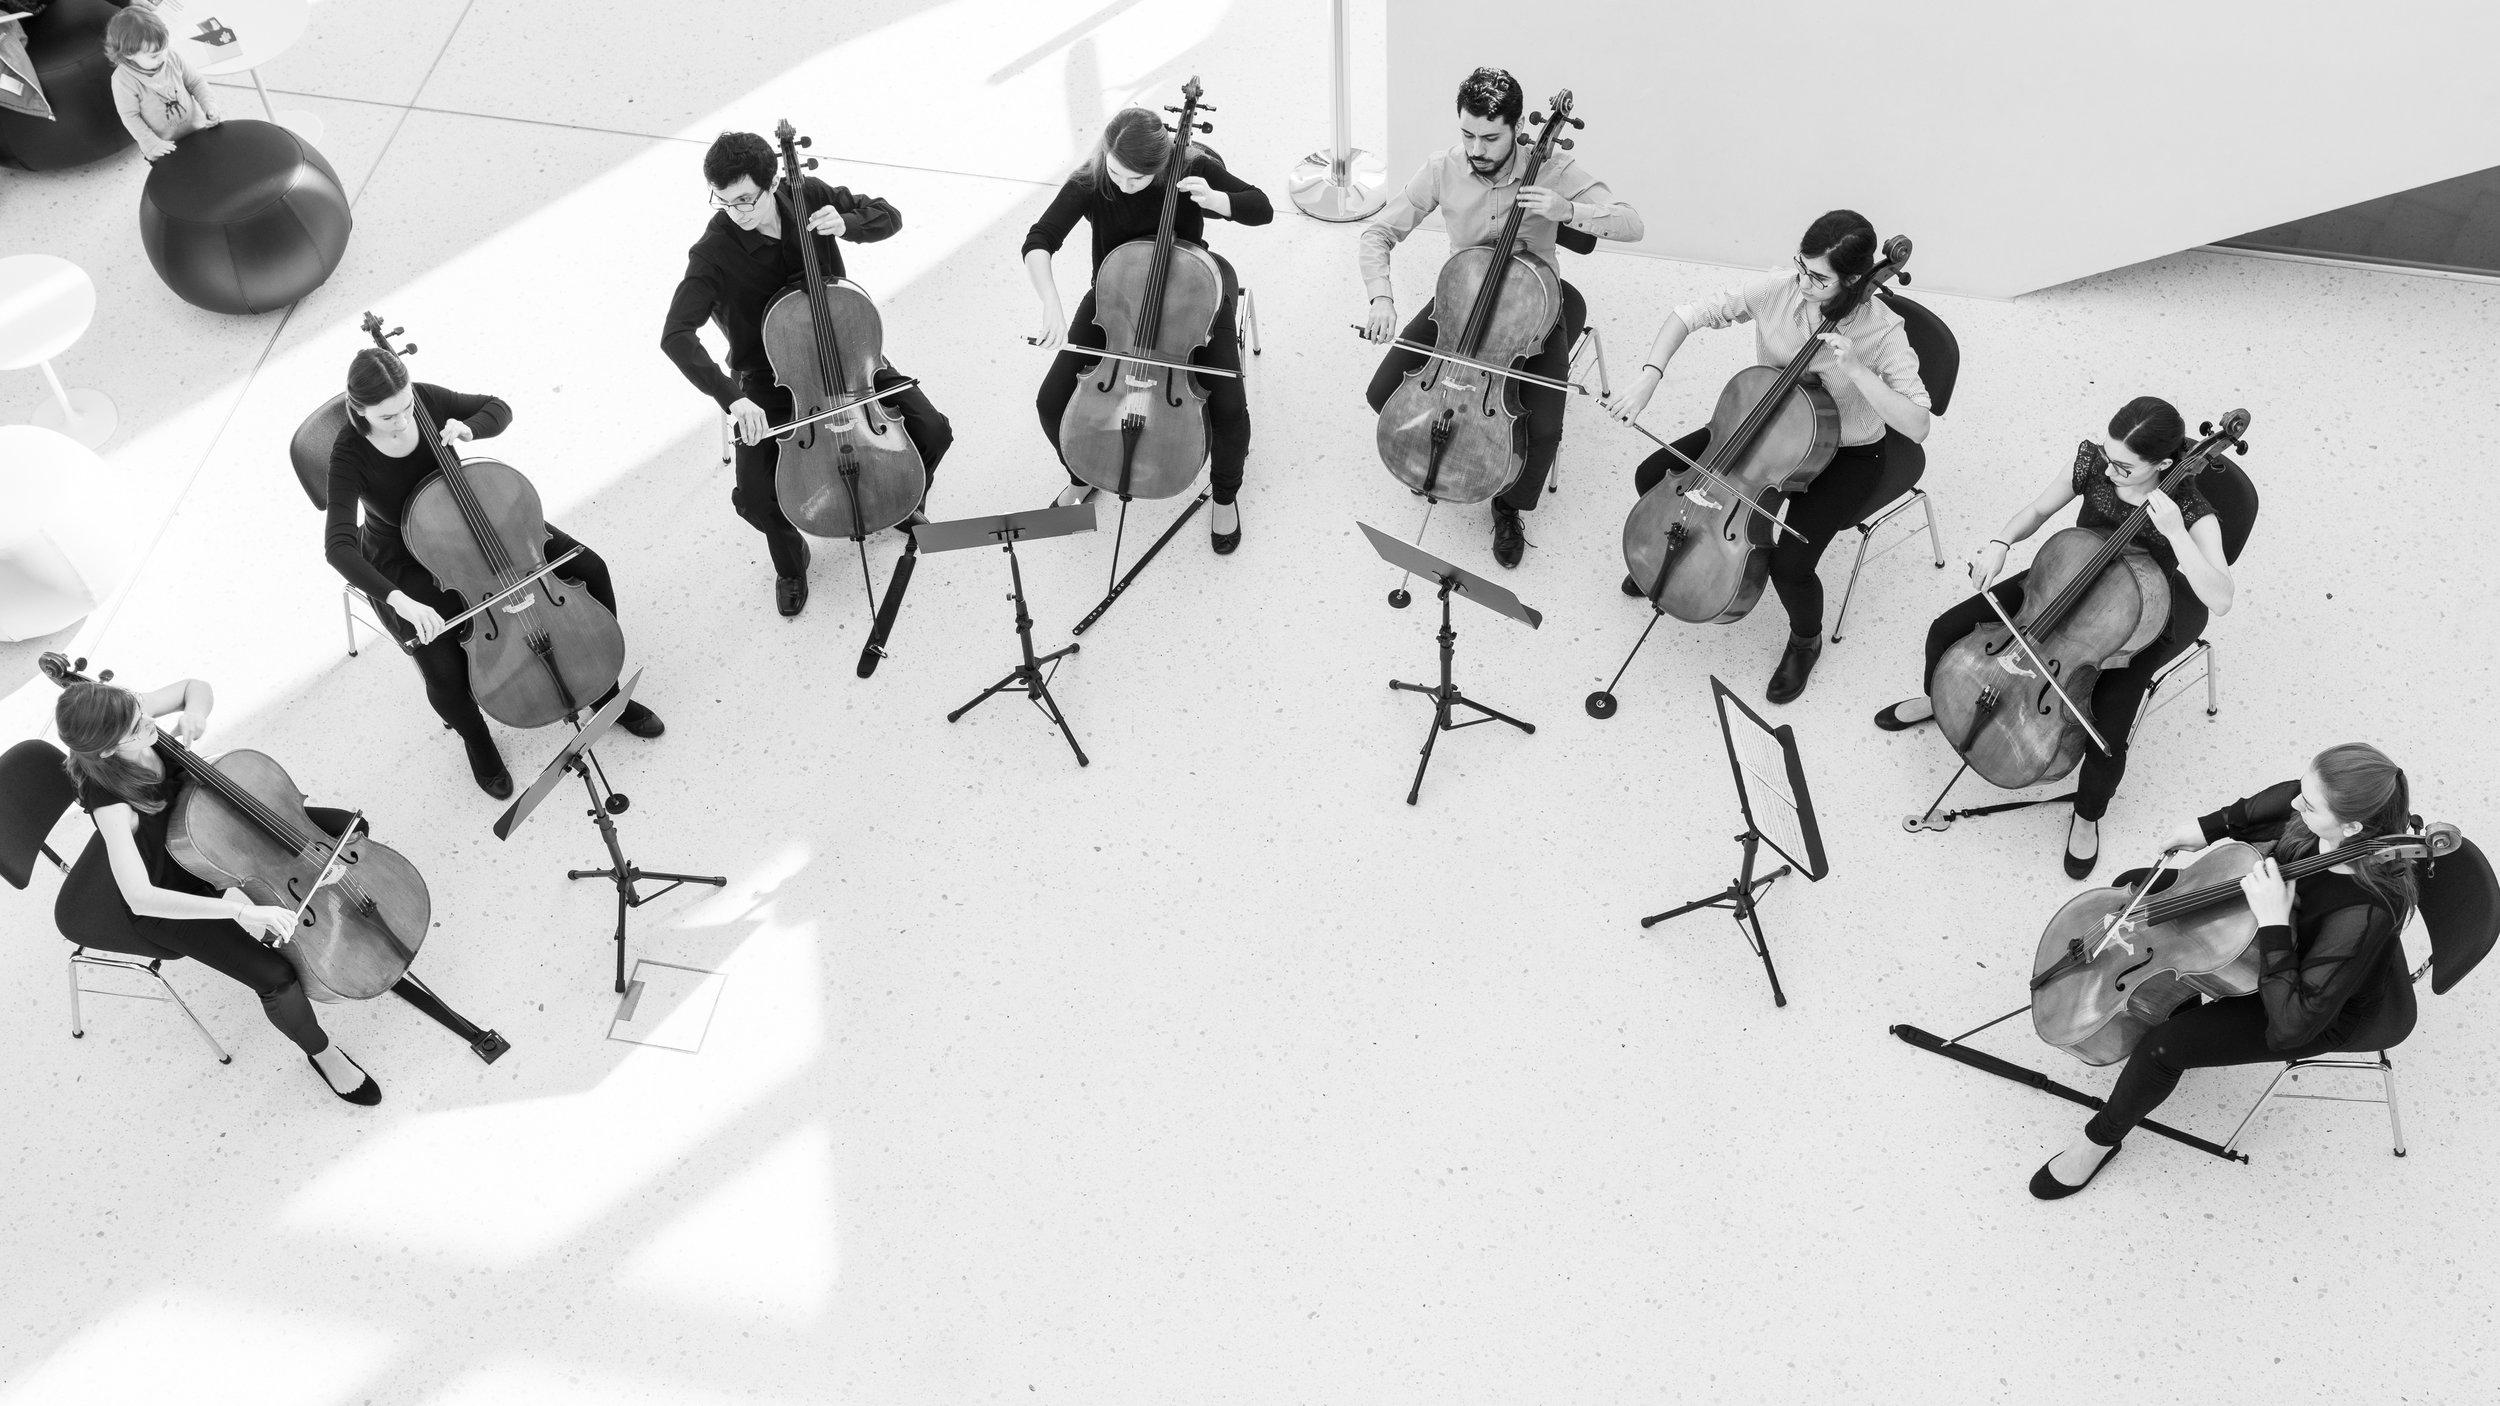 Konzert am Mittag - Cello20180206_029-036-2.jpg